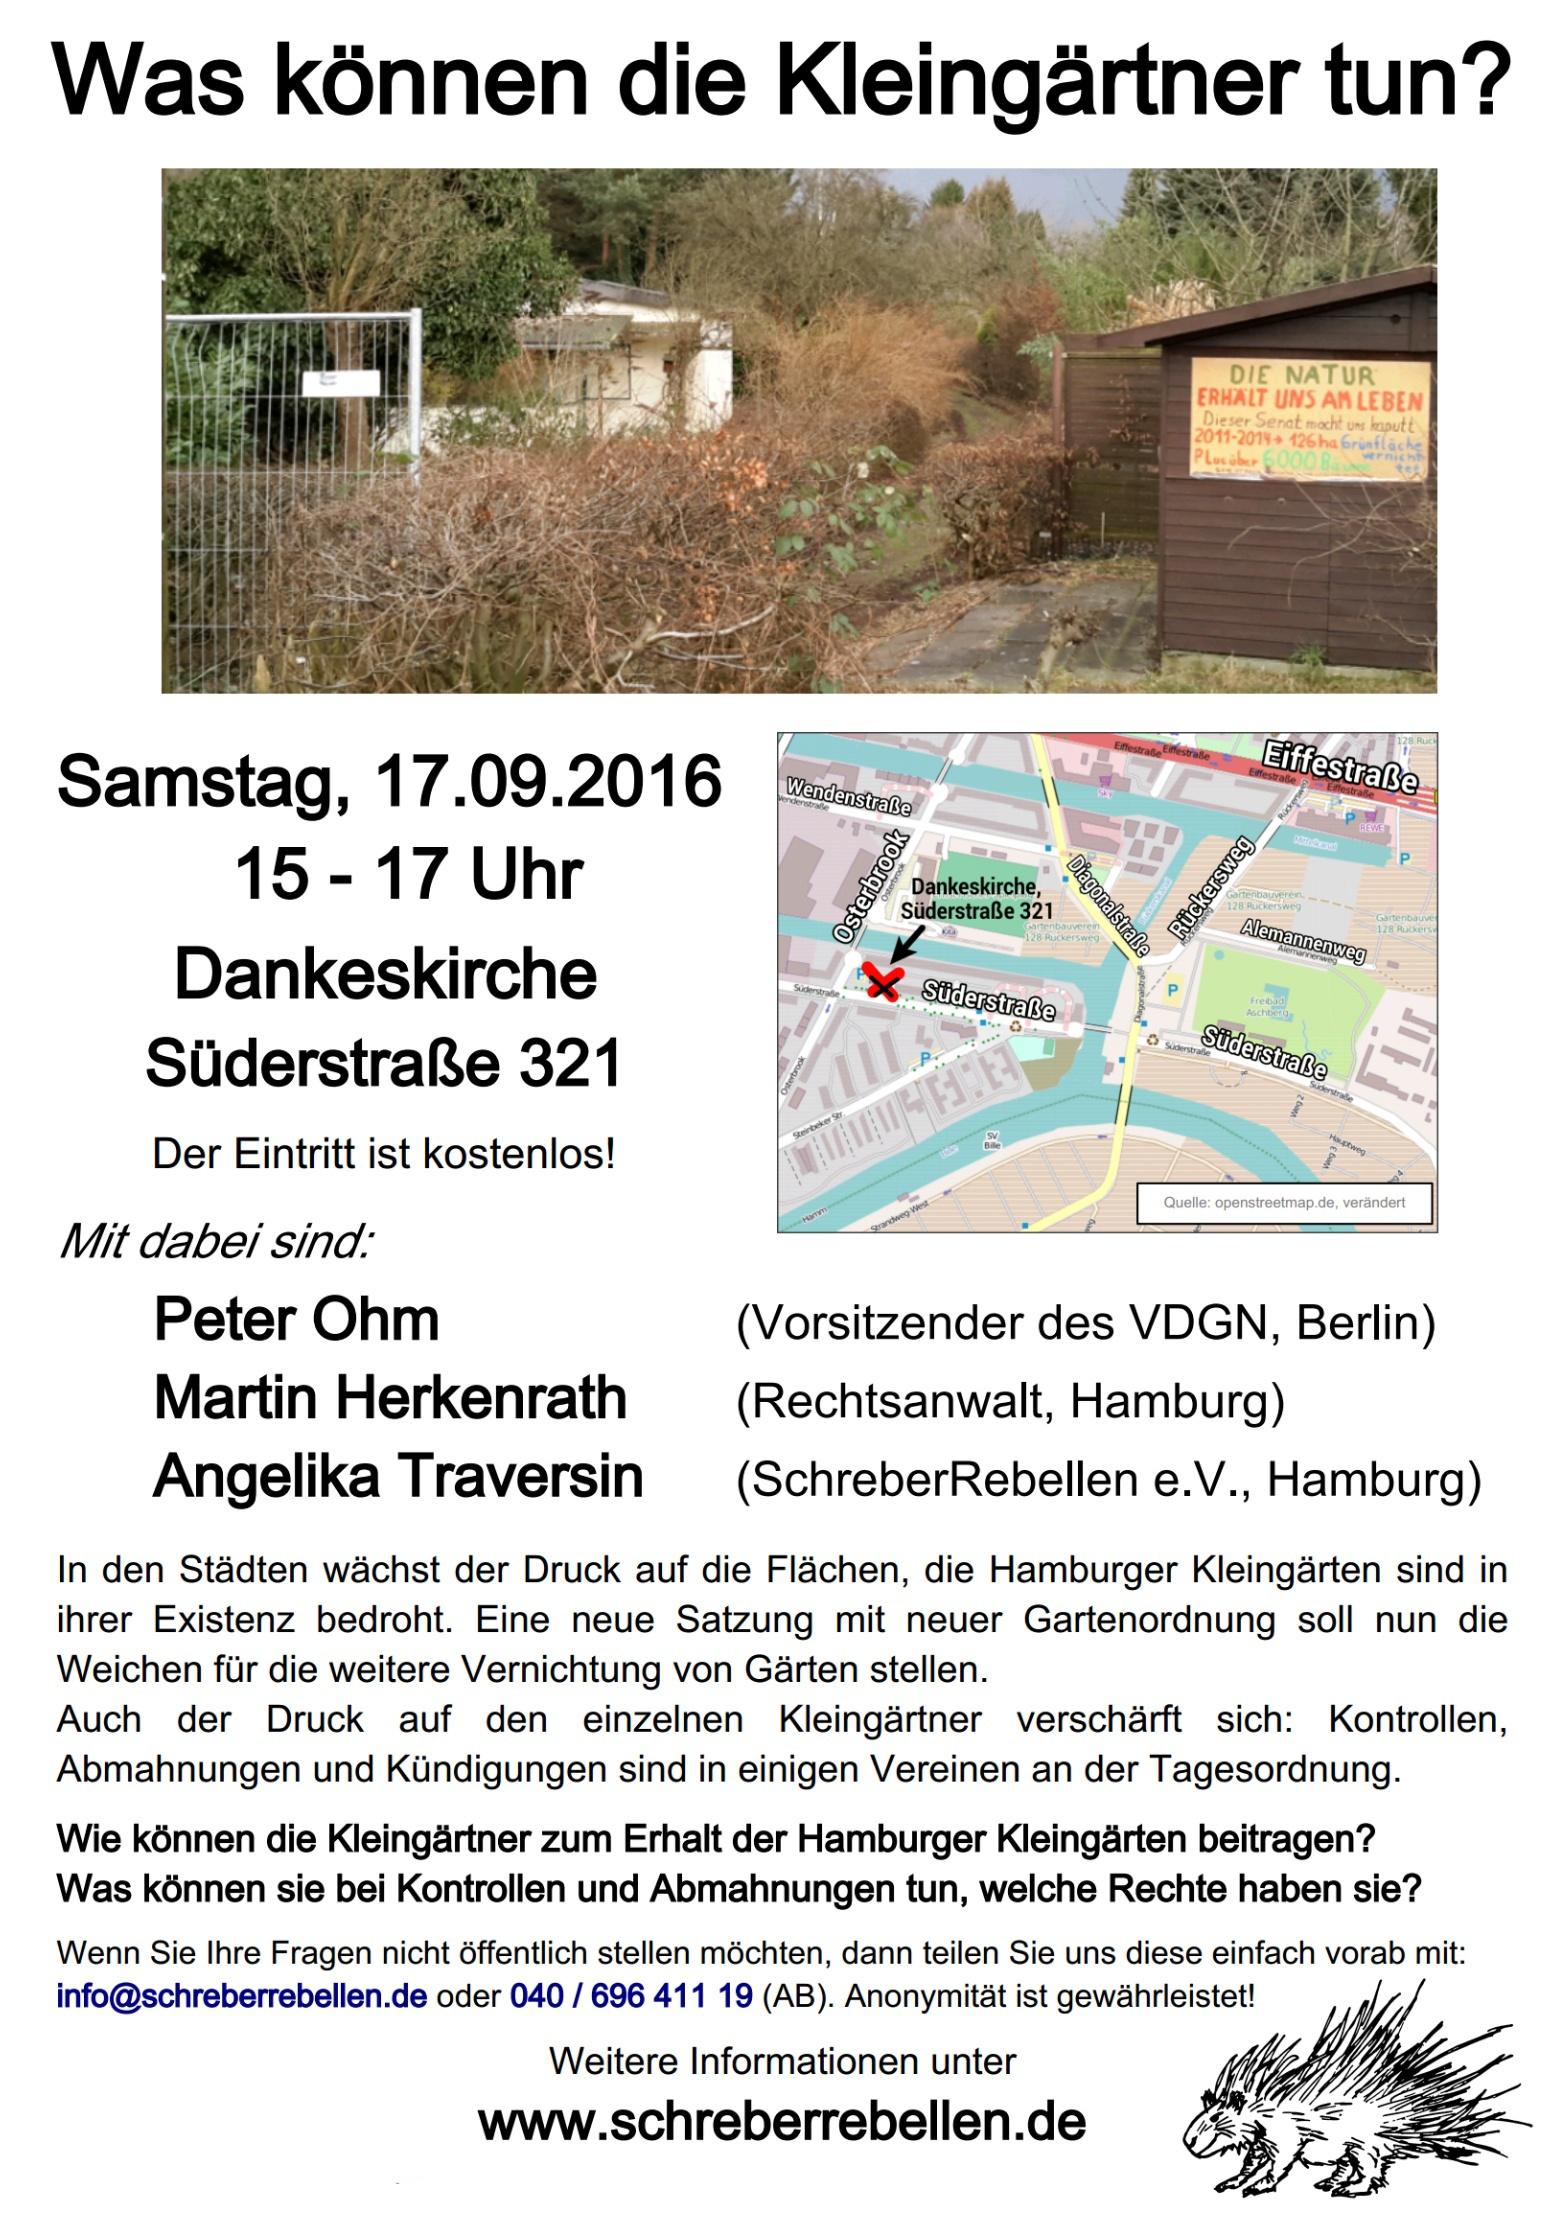 Einladung der Schreberrebellen in die Dankeskirche Süderstraße